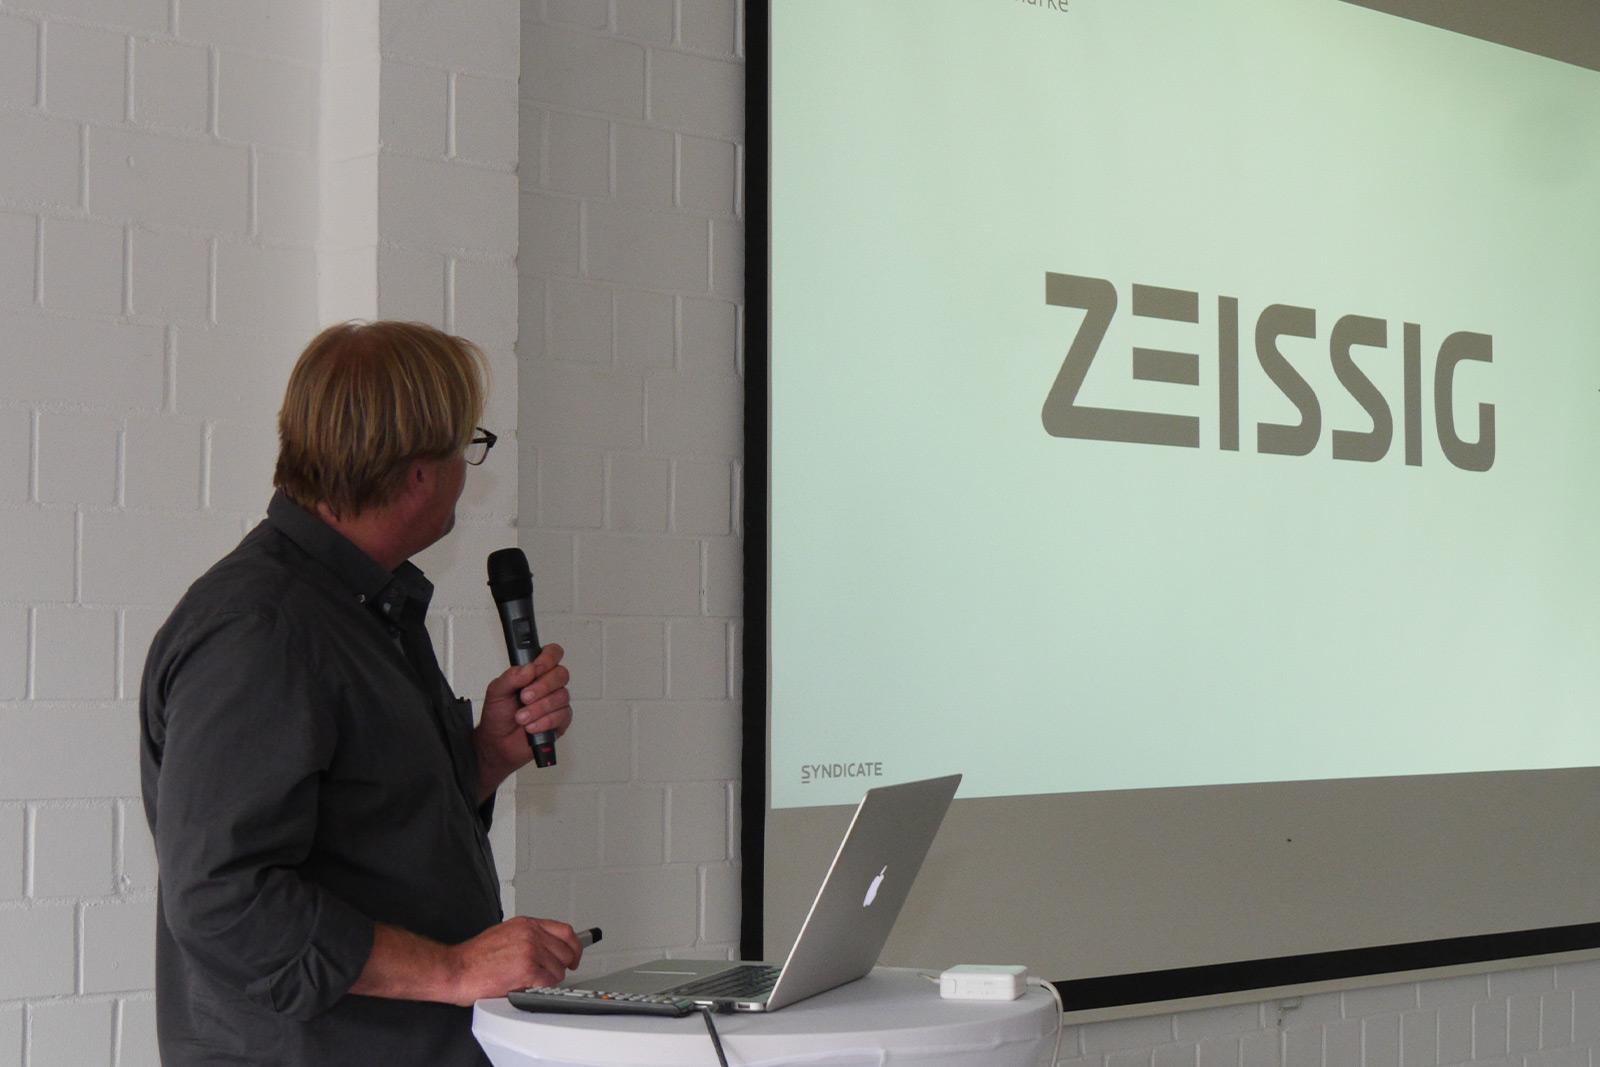 Syndicate Geschäftsführer Heiko Hinrichs erklärt die Entstehung des neuen Corporate Designs